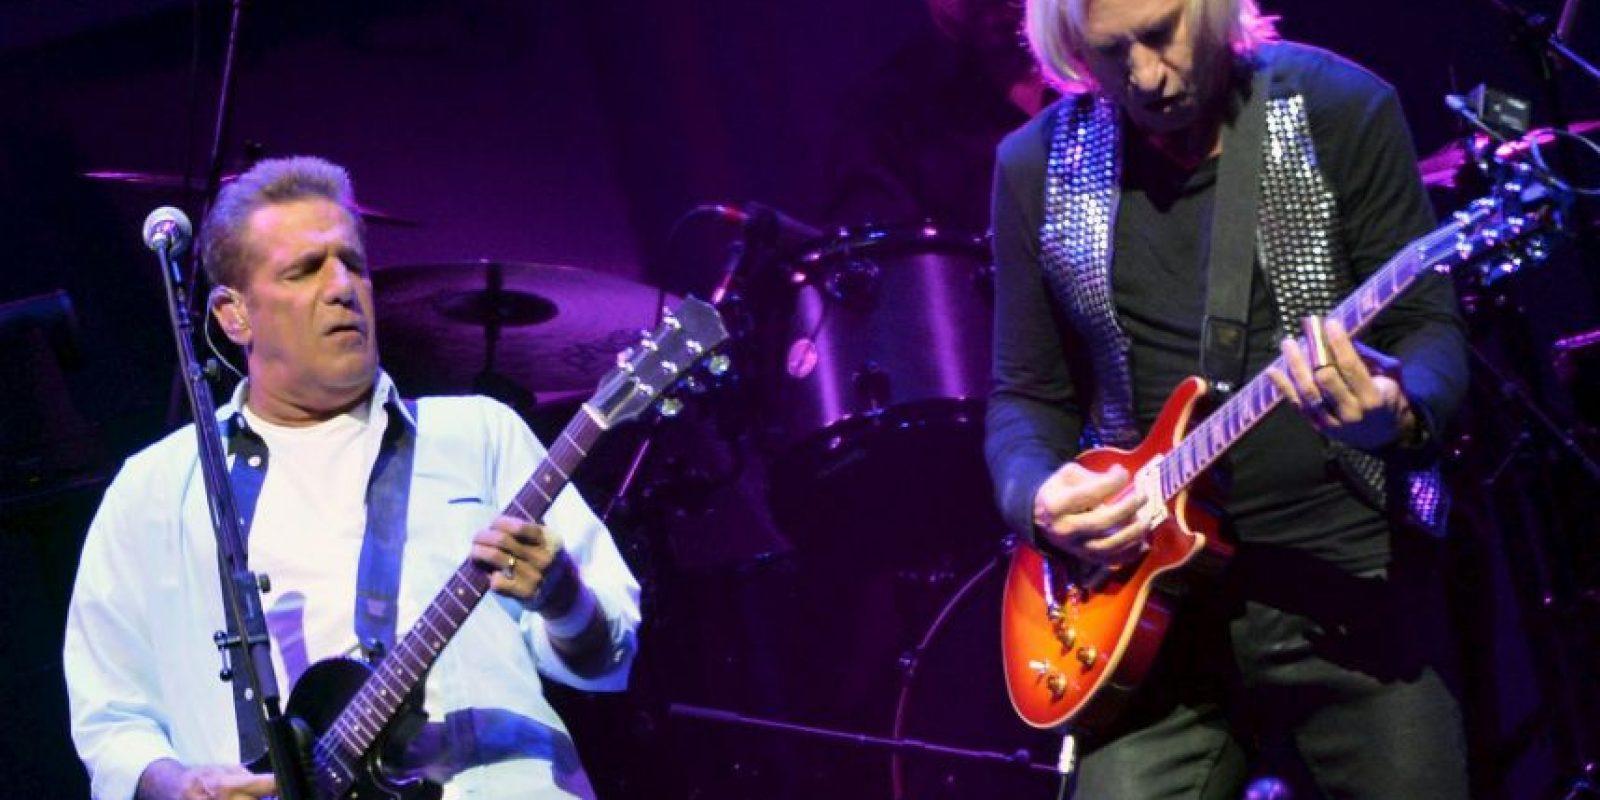 """En 2007, Frey y los otros miembros de Eagles sacaron un nuevo disco, """"Long Road Out Of Eden"""", con el que realizaron un tour (2007-2009) que los llevó por América y Europa. Foto:Getty Images"""